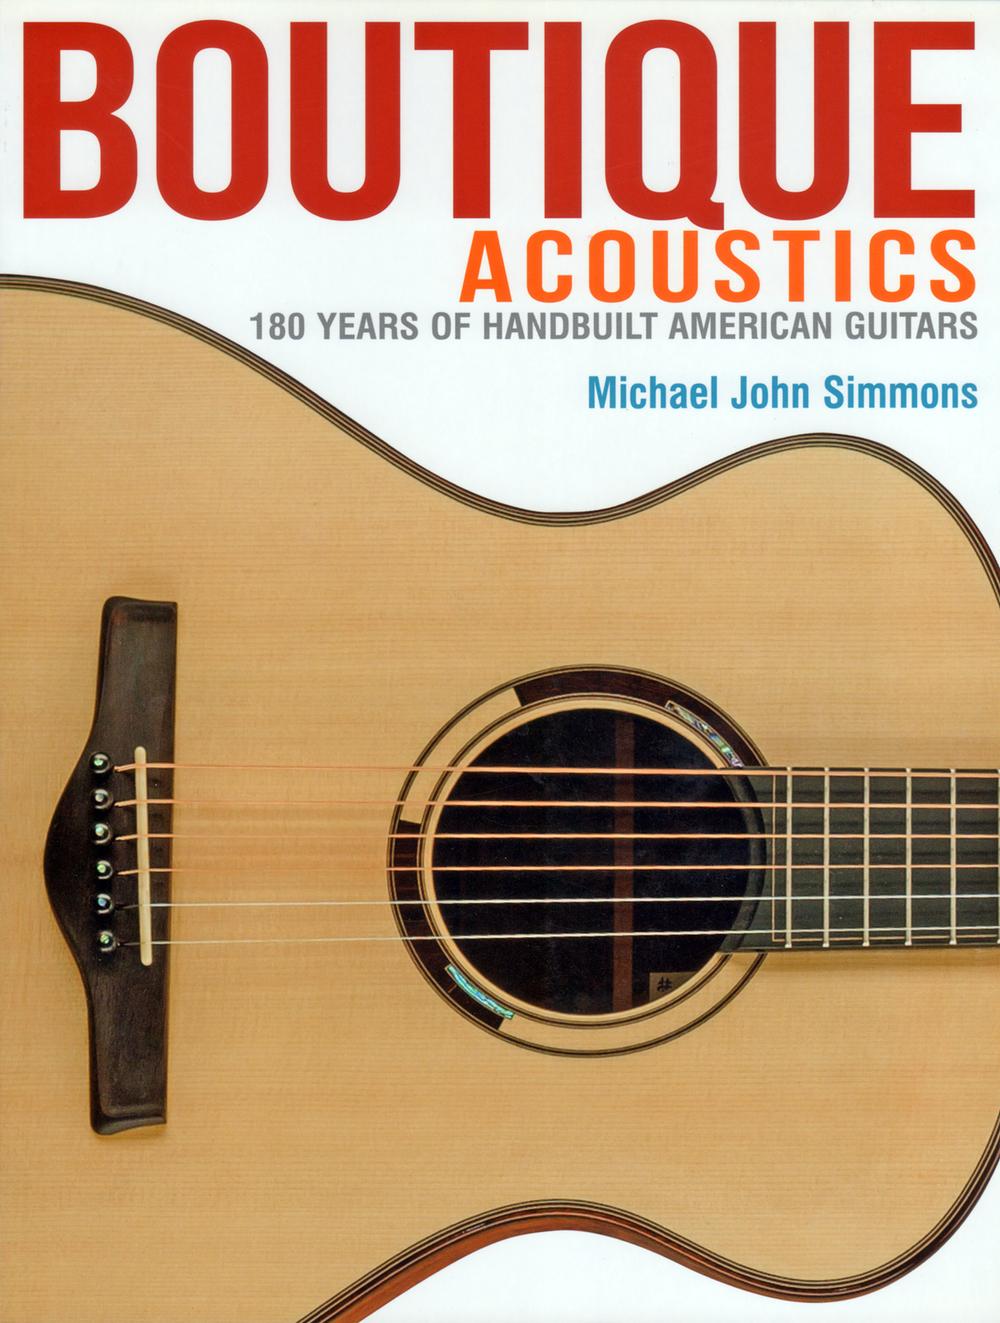 Boutique Acoustics by Michael John Simmons